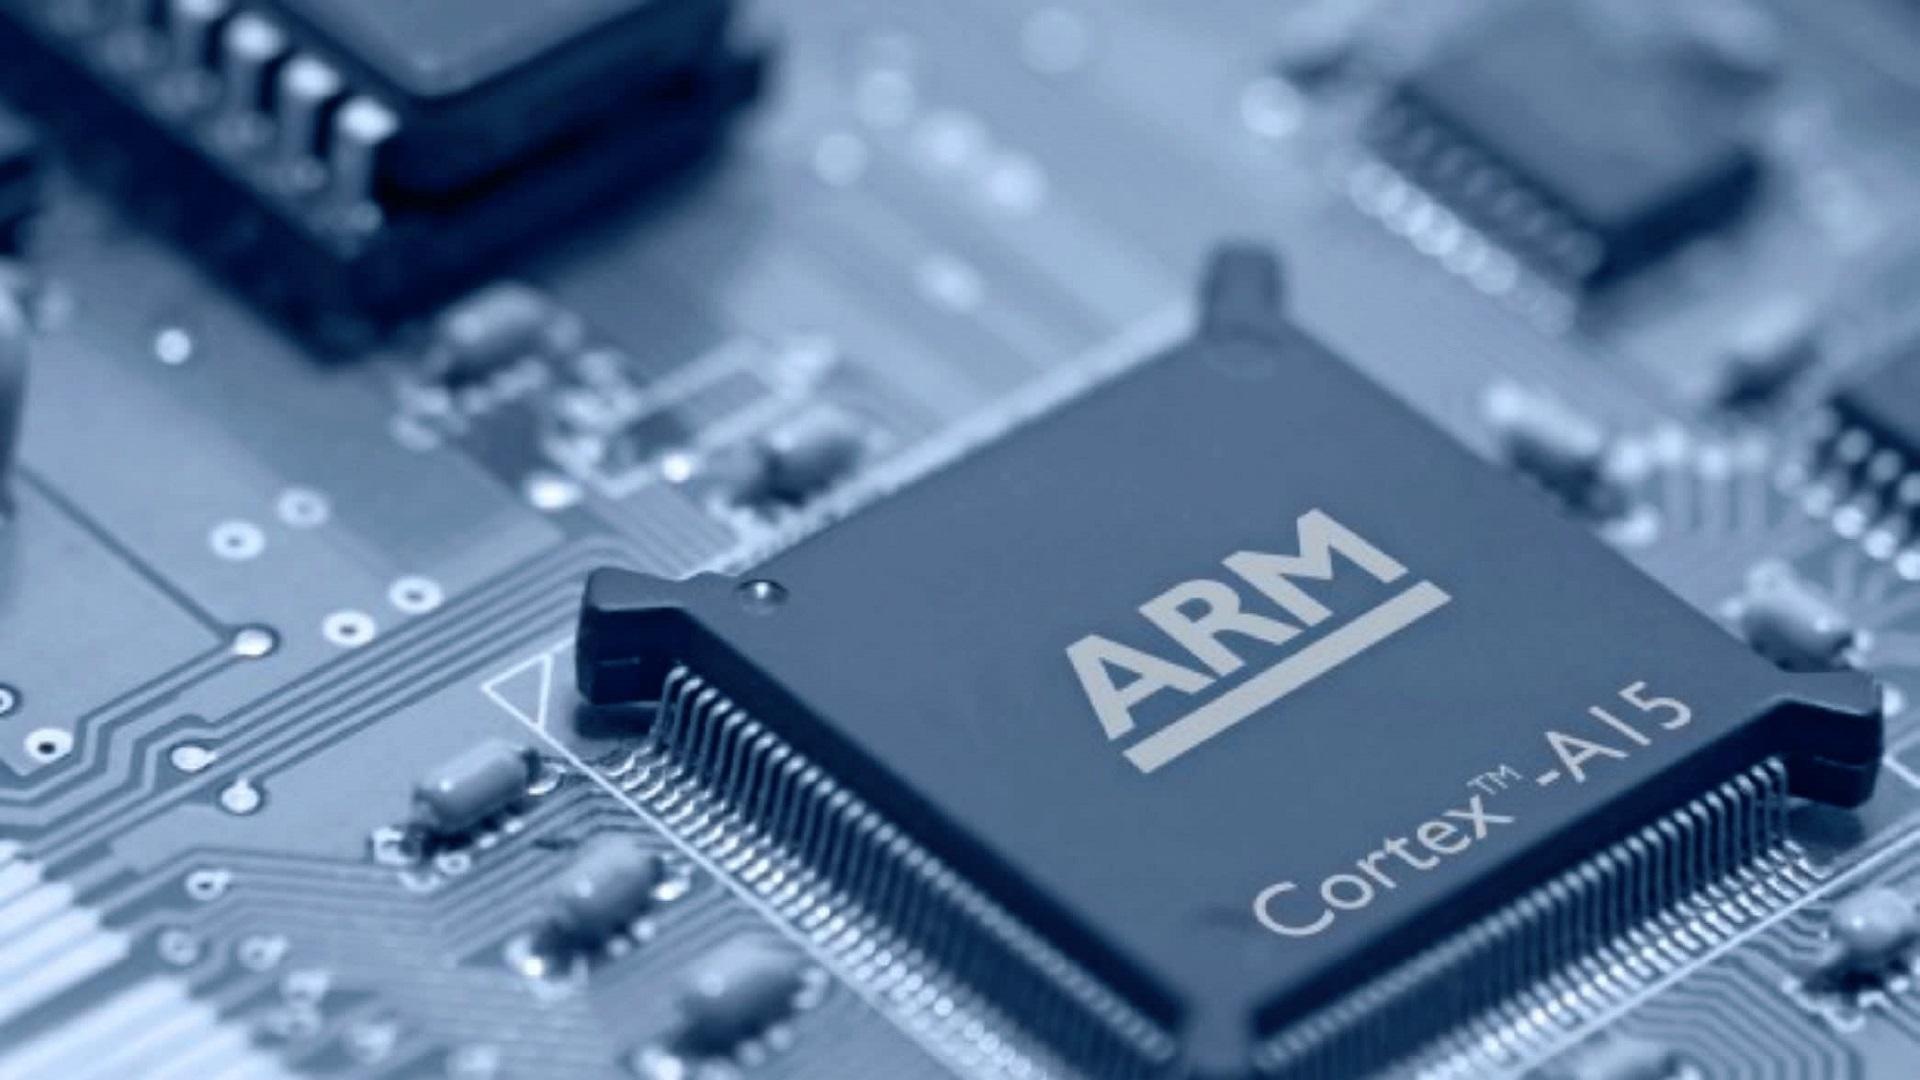 شركة Arm ووكالة DARPA يوقعان اتفاقية شراكة لتسريع الابتكار التكنولوجي